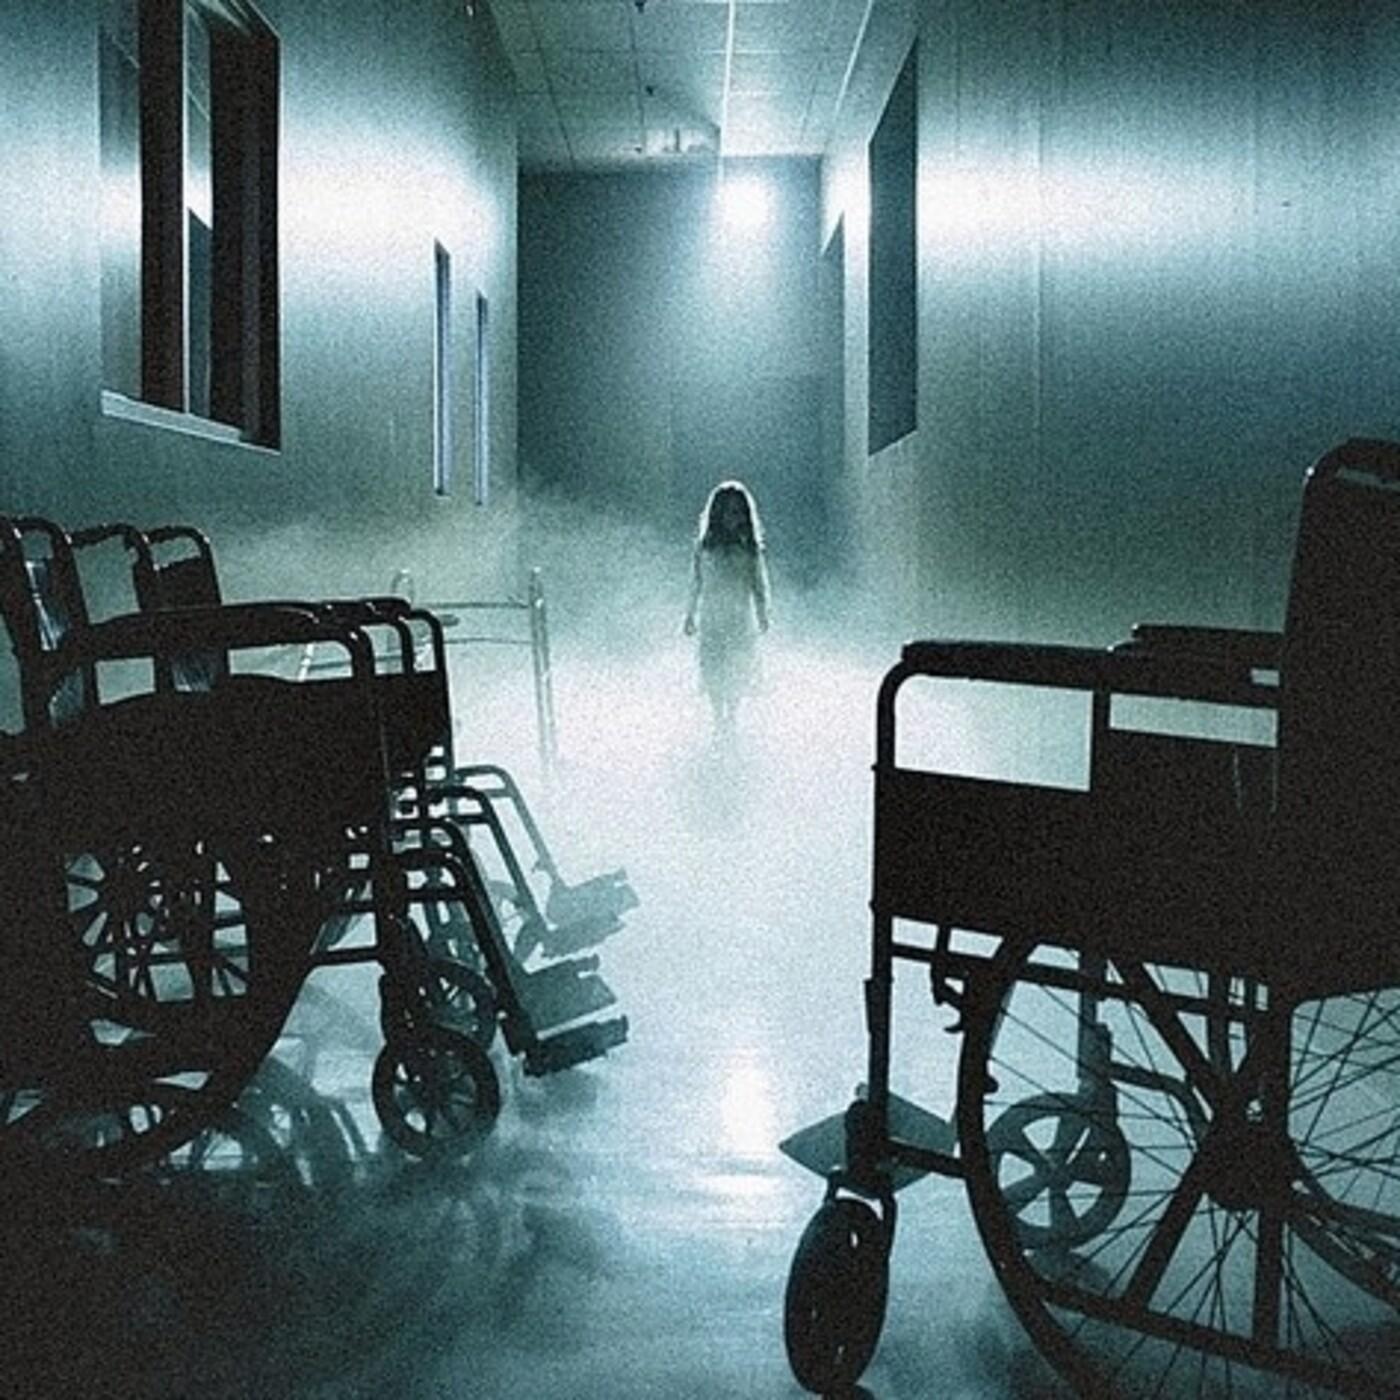 Voces del Misterio INVESTIGACIÓN 3: Fantasmas en